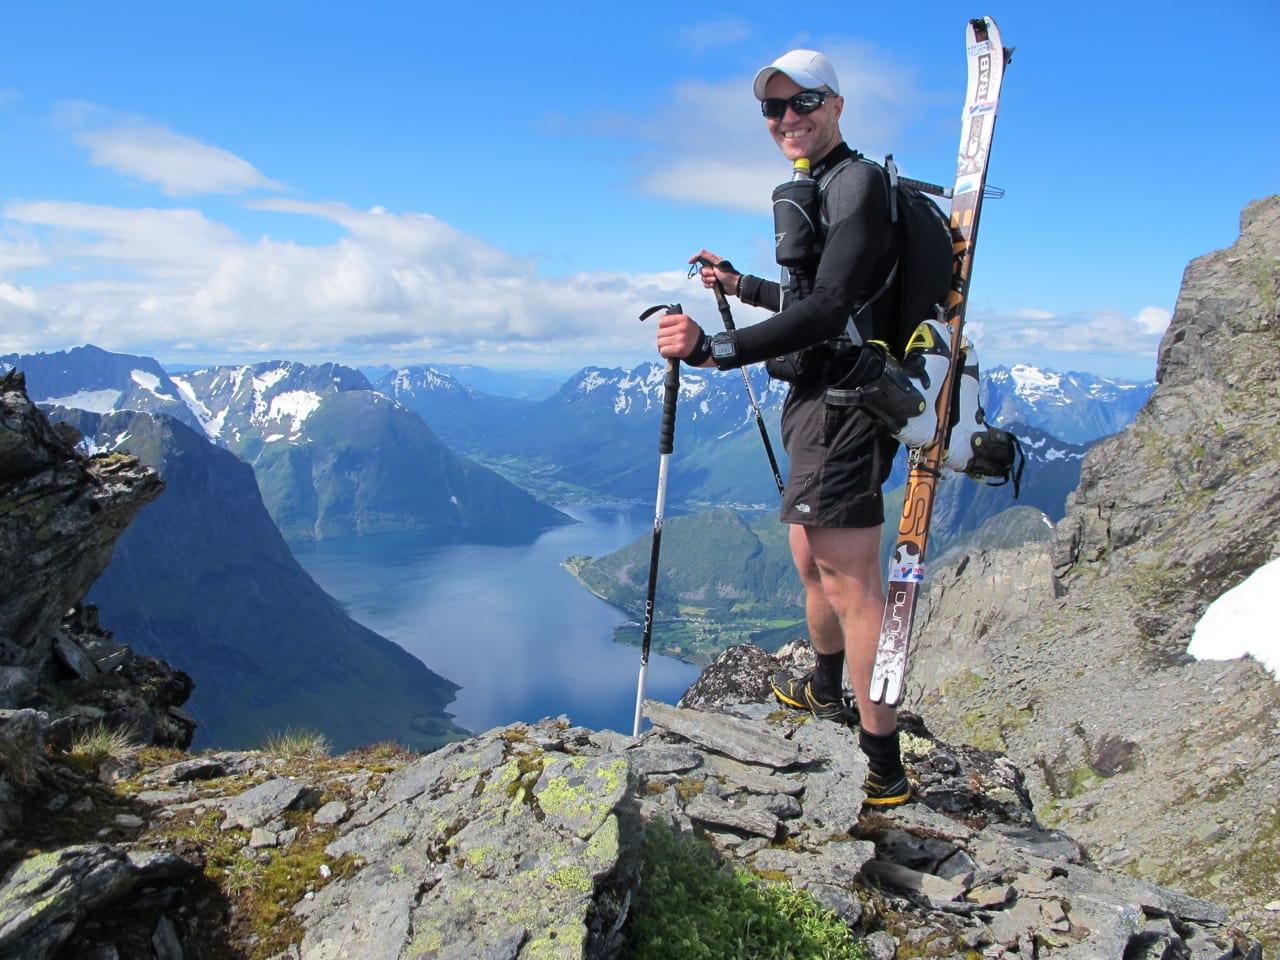 FORNØYD: Bård Smestad gleder seg til å ta fatt på nedkjøringa fra Slogen. Foto: Bård Smestad